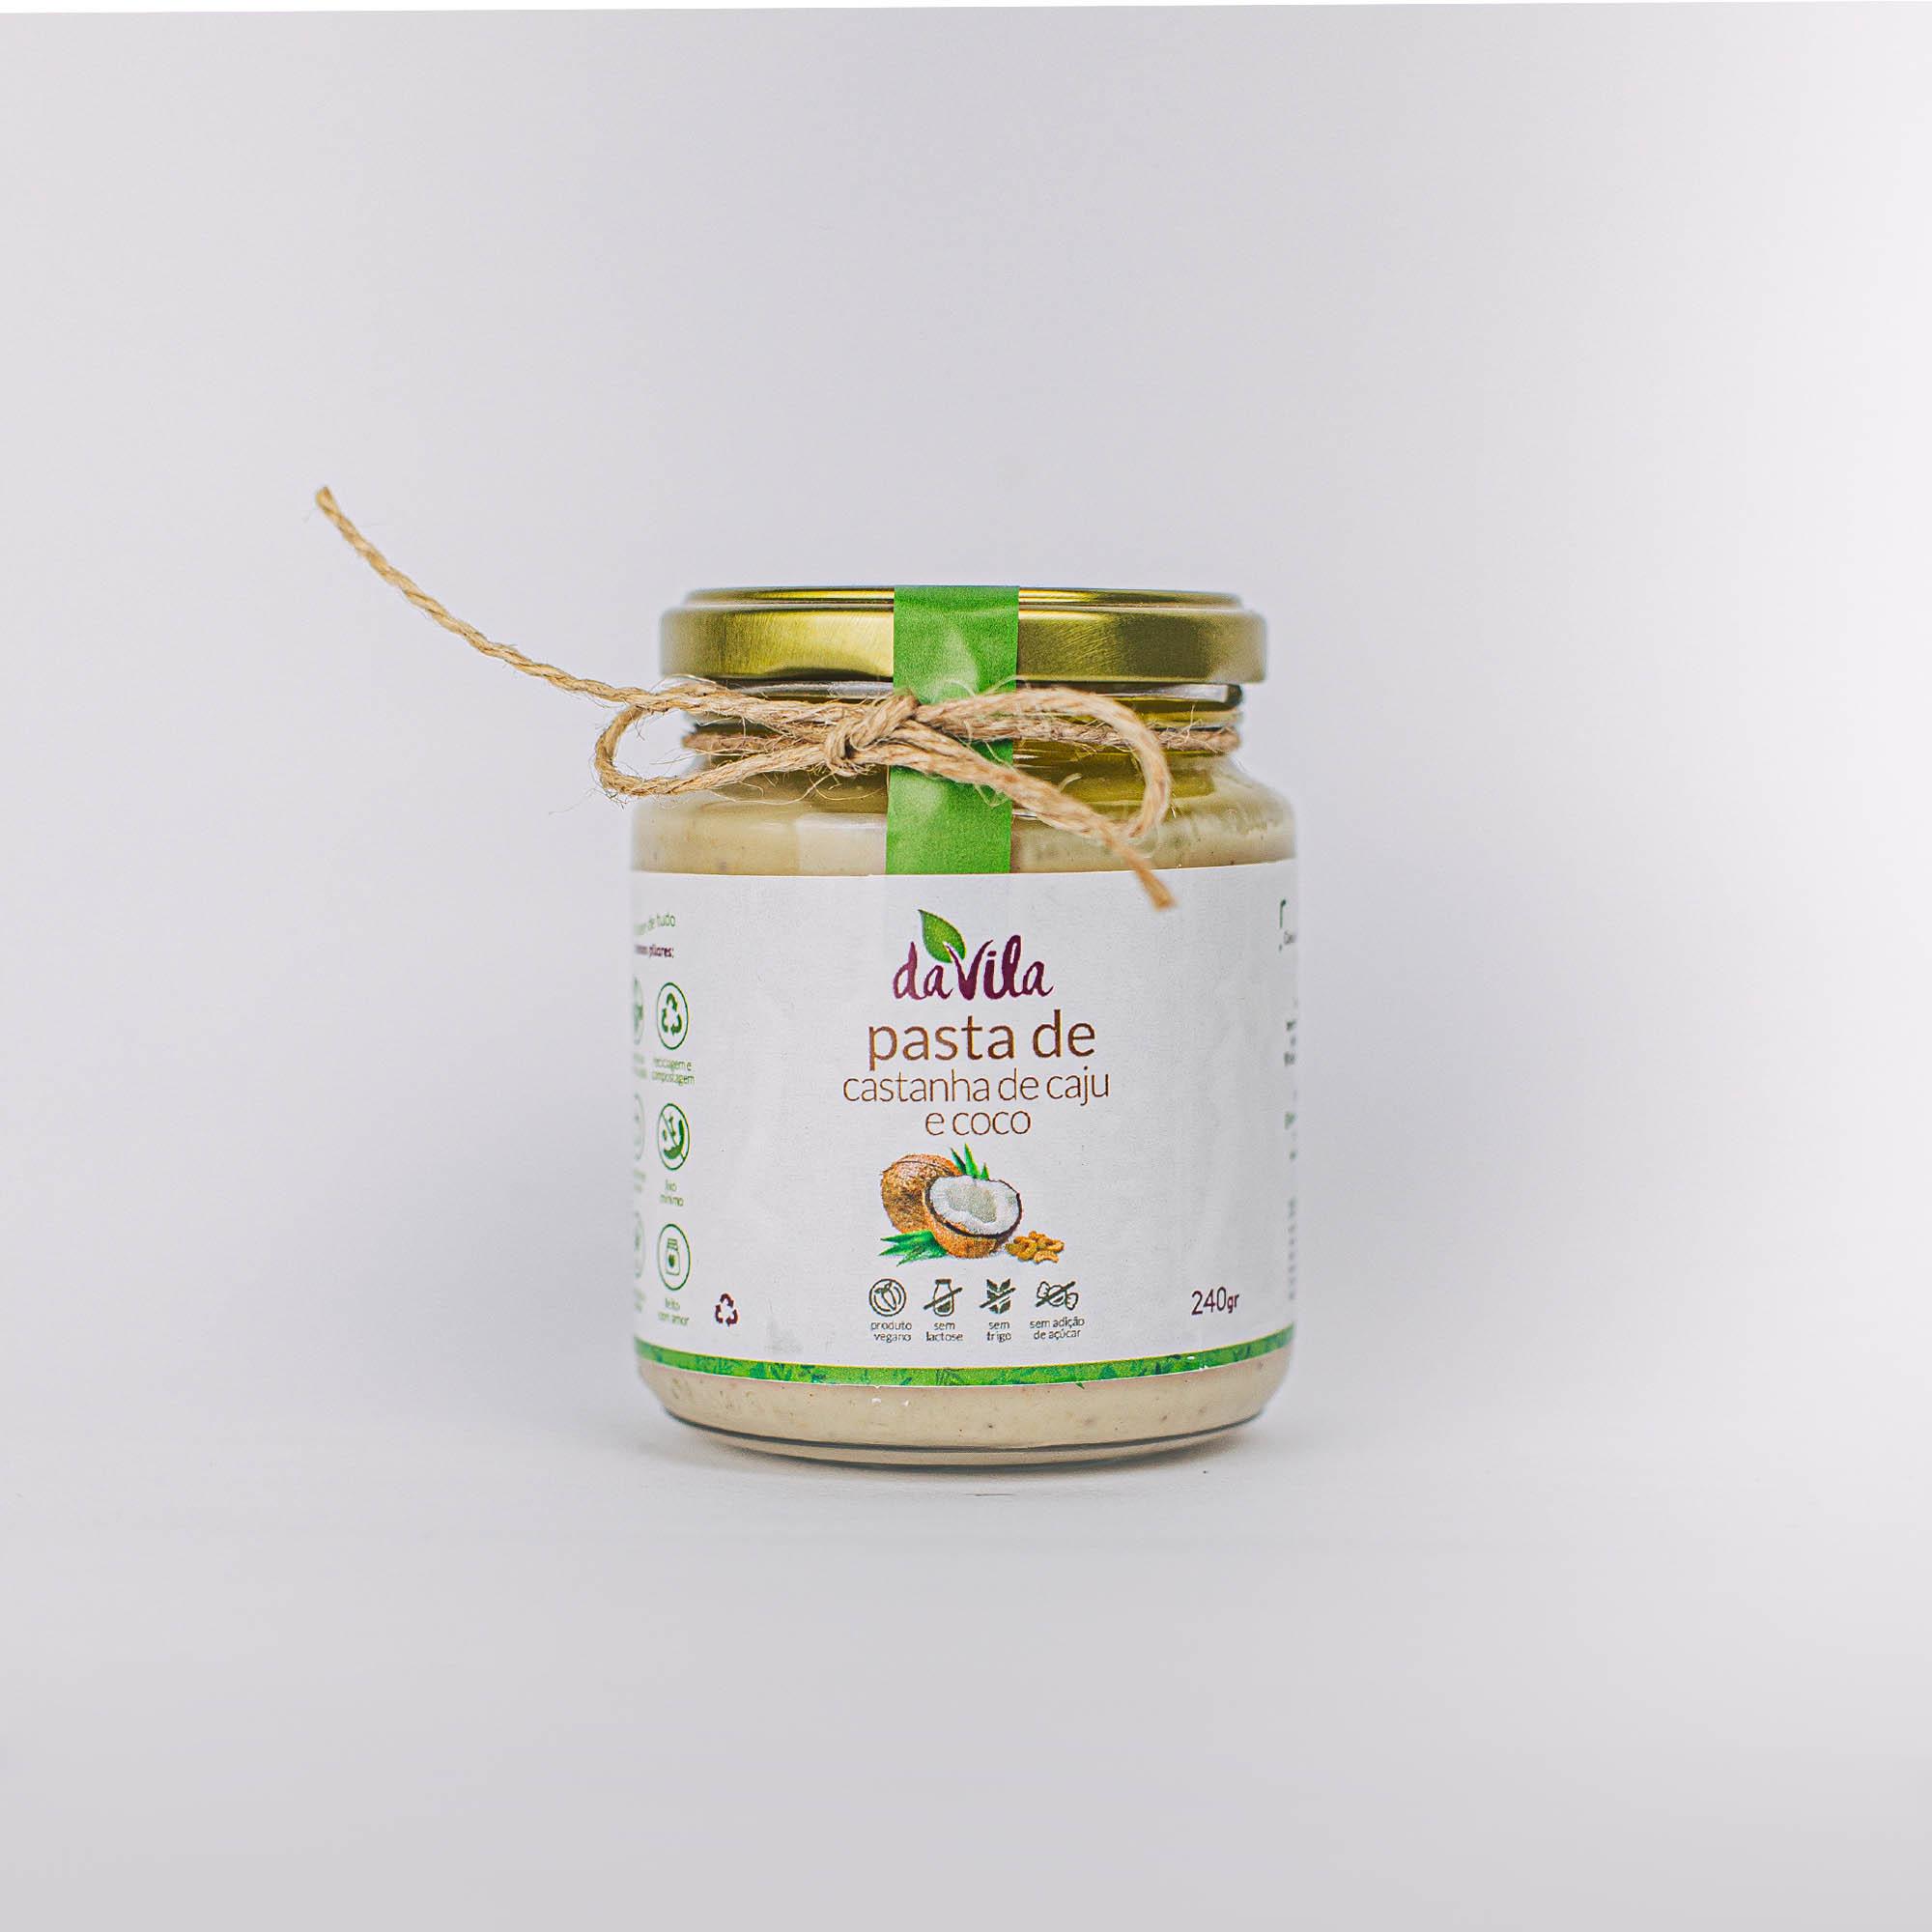 Pasta de Castanha de Caju & Coco 240ml/220g